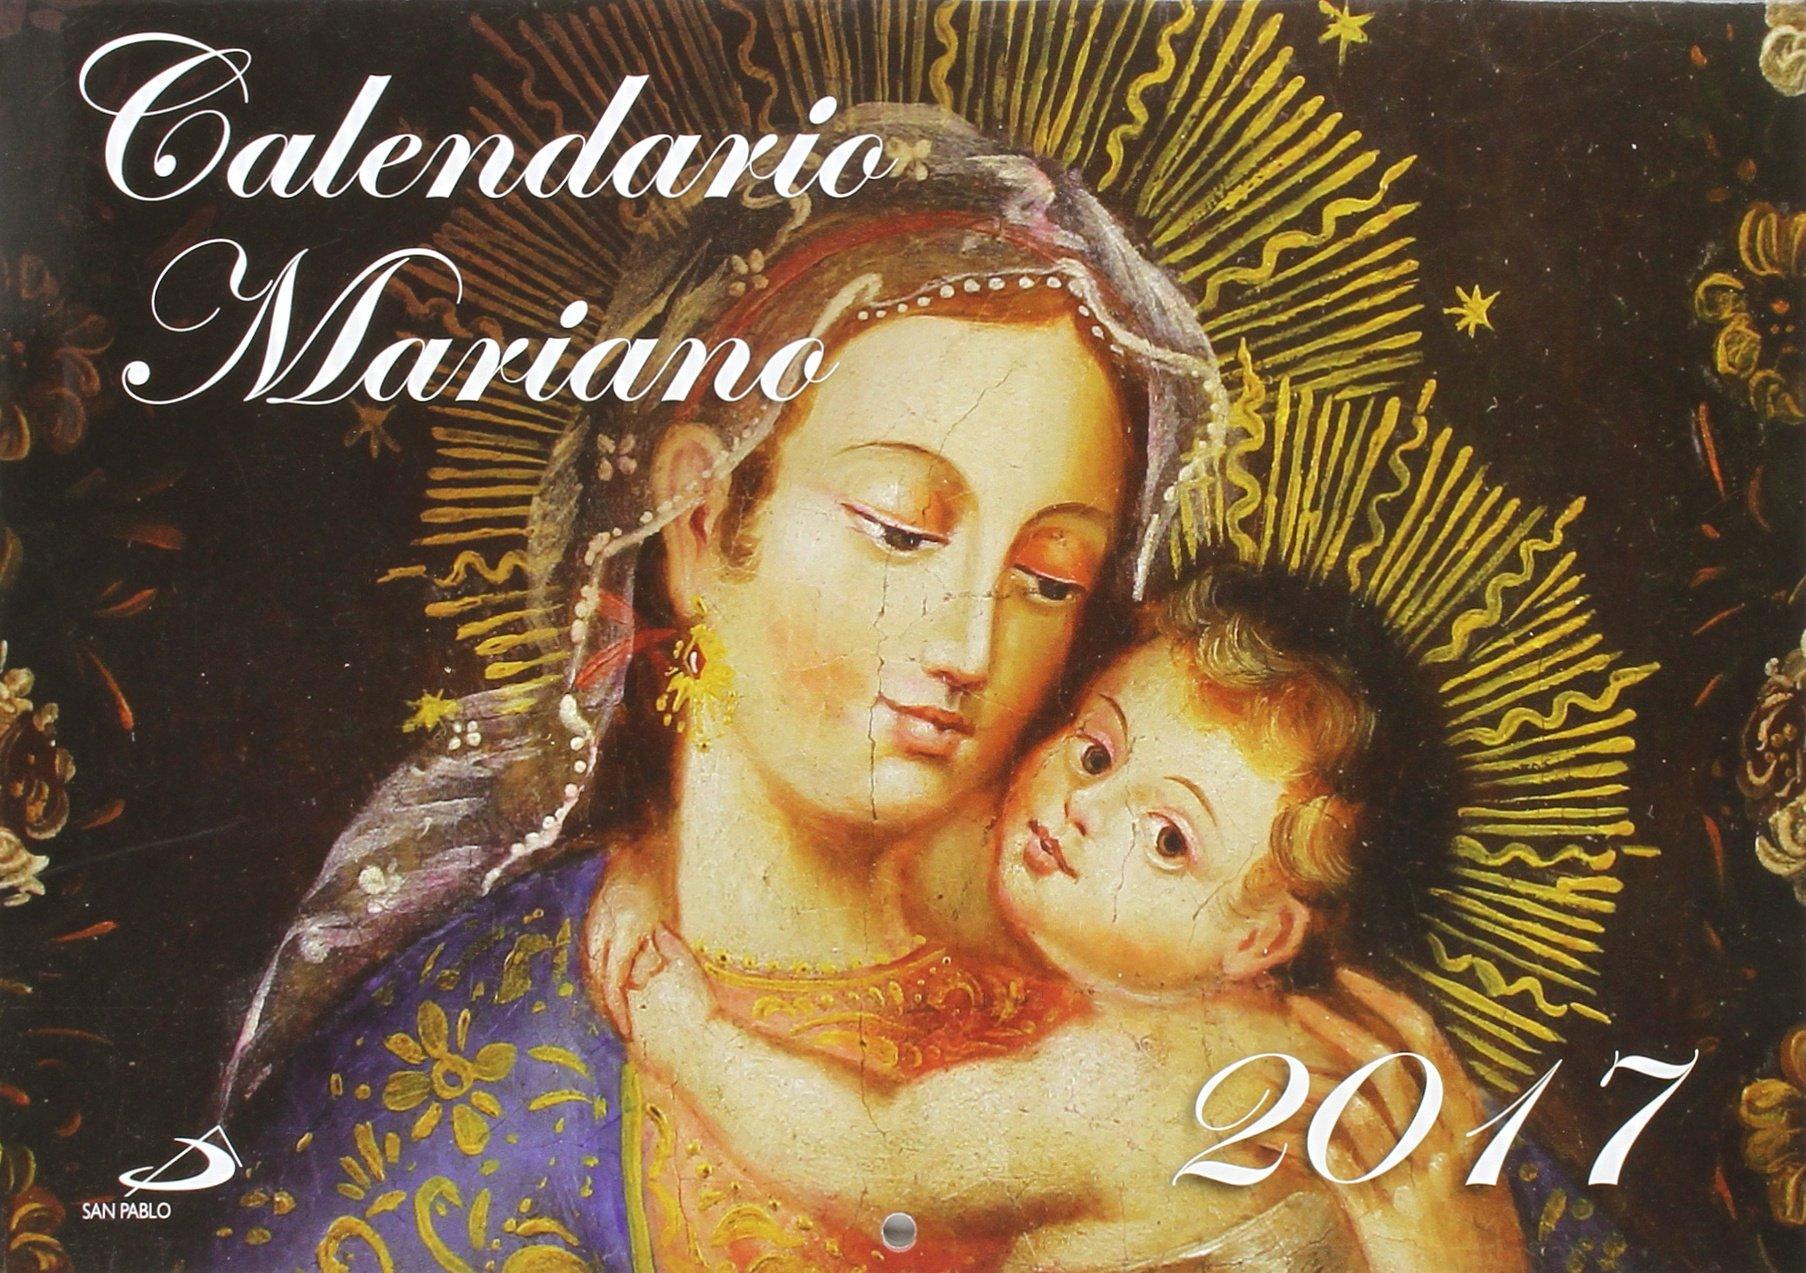 Calendario Mariano.Calendario Mariano 2017 Calendarios Y Agendas Amazon Es